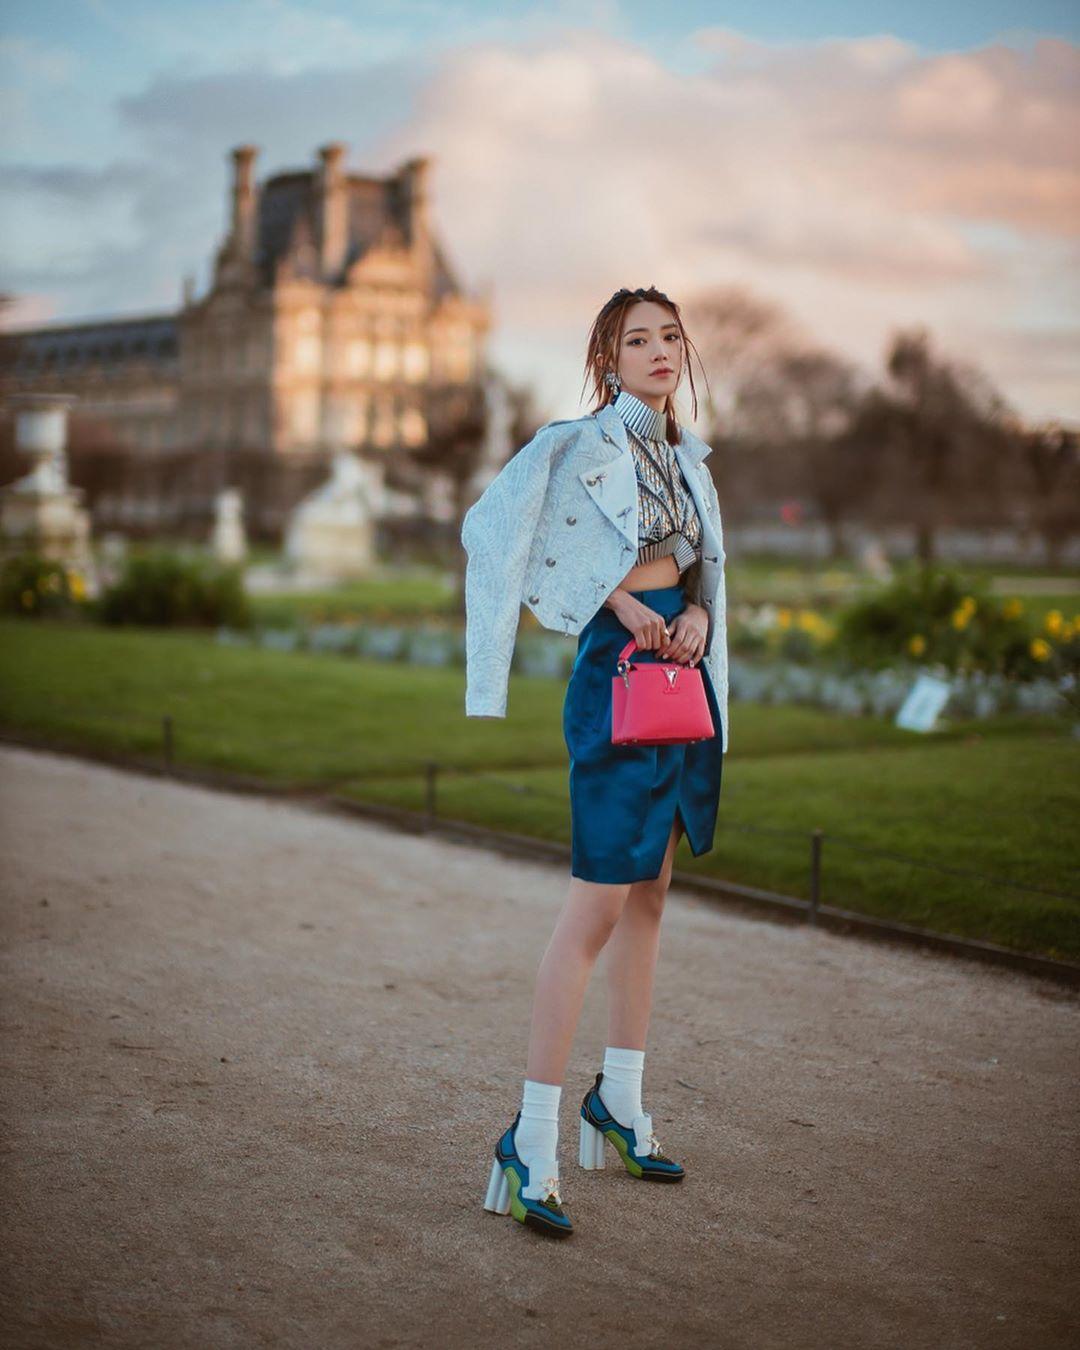 Cô gái phối đồ với chân váy xanh, áo khoác da, giày cao gót và tất trắng